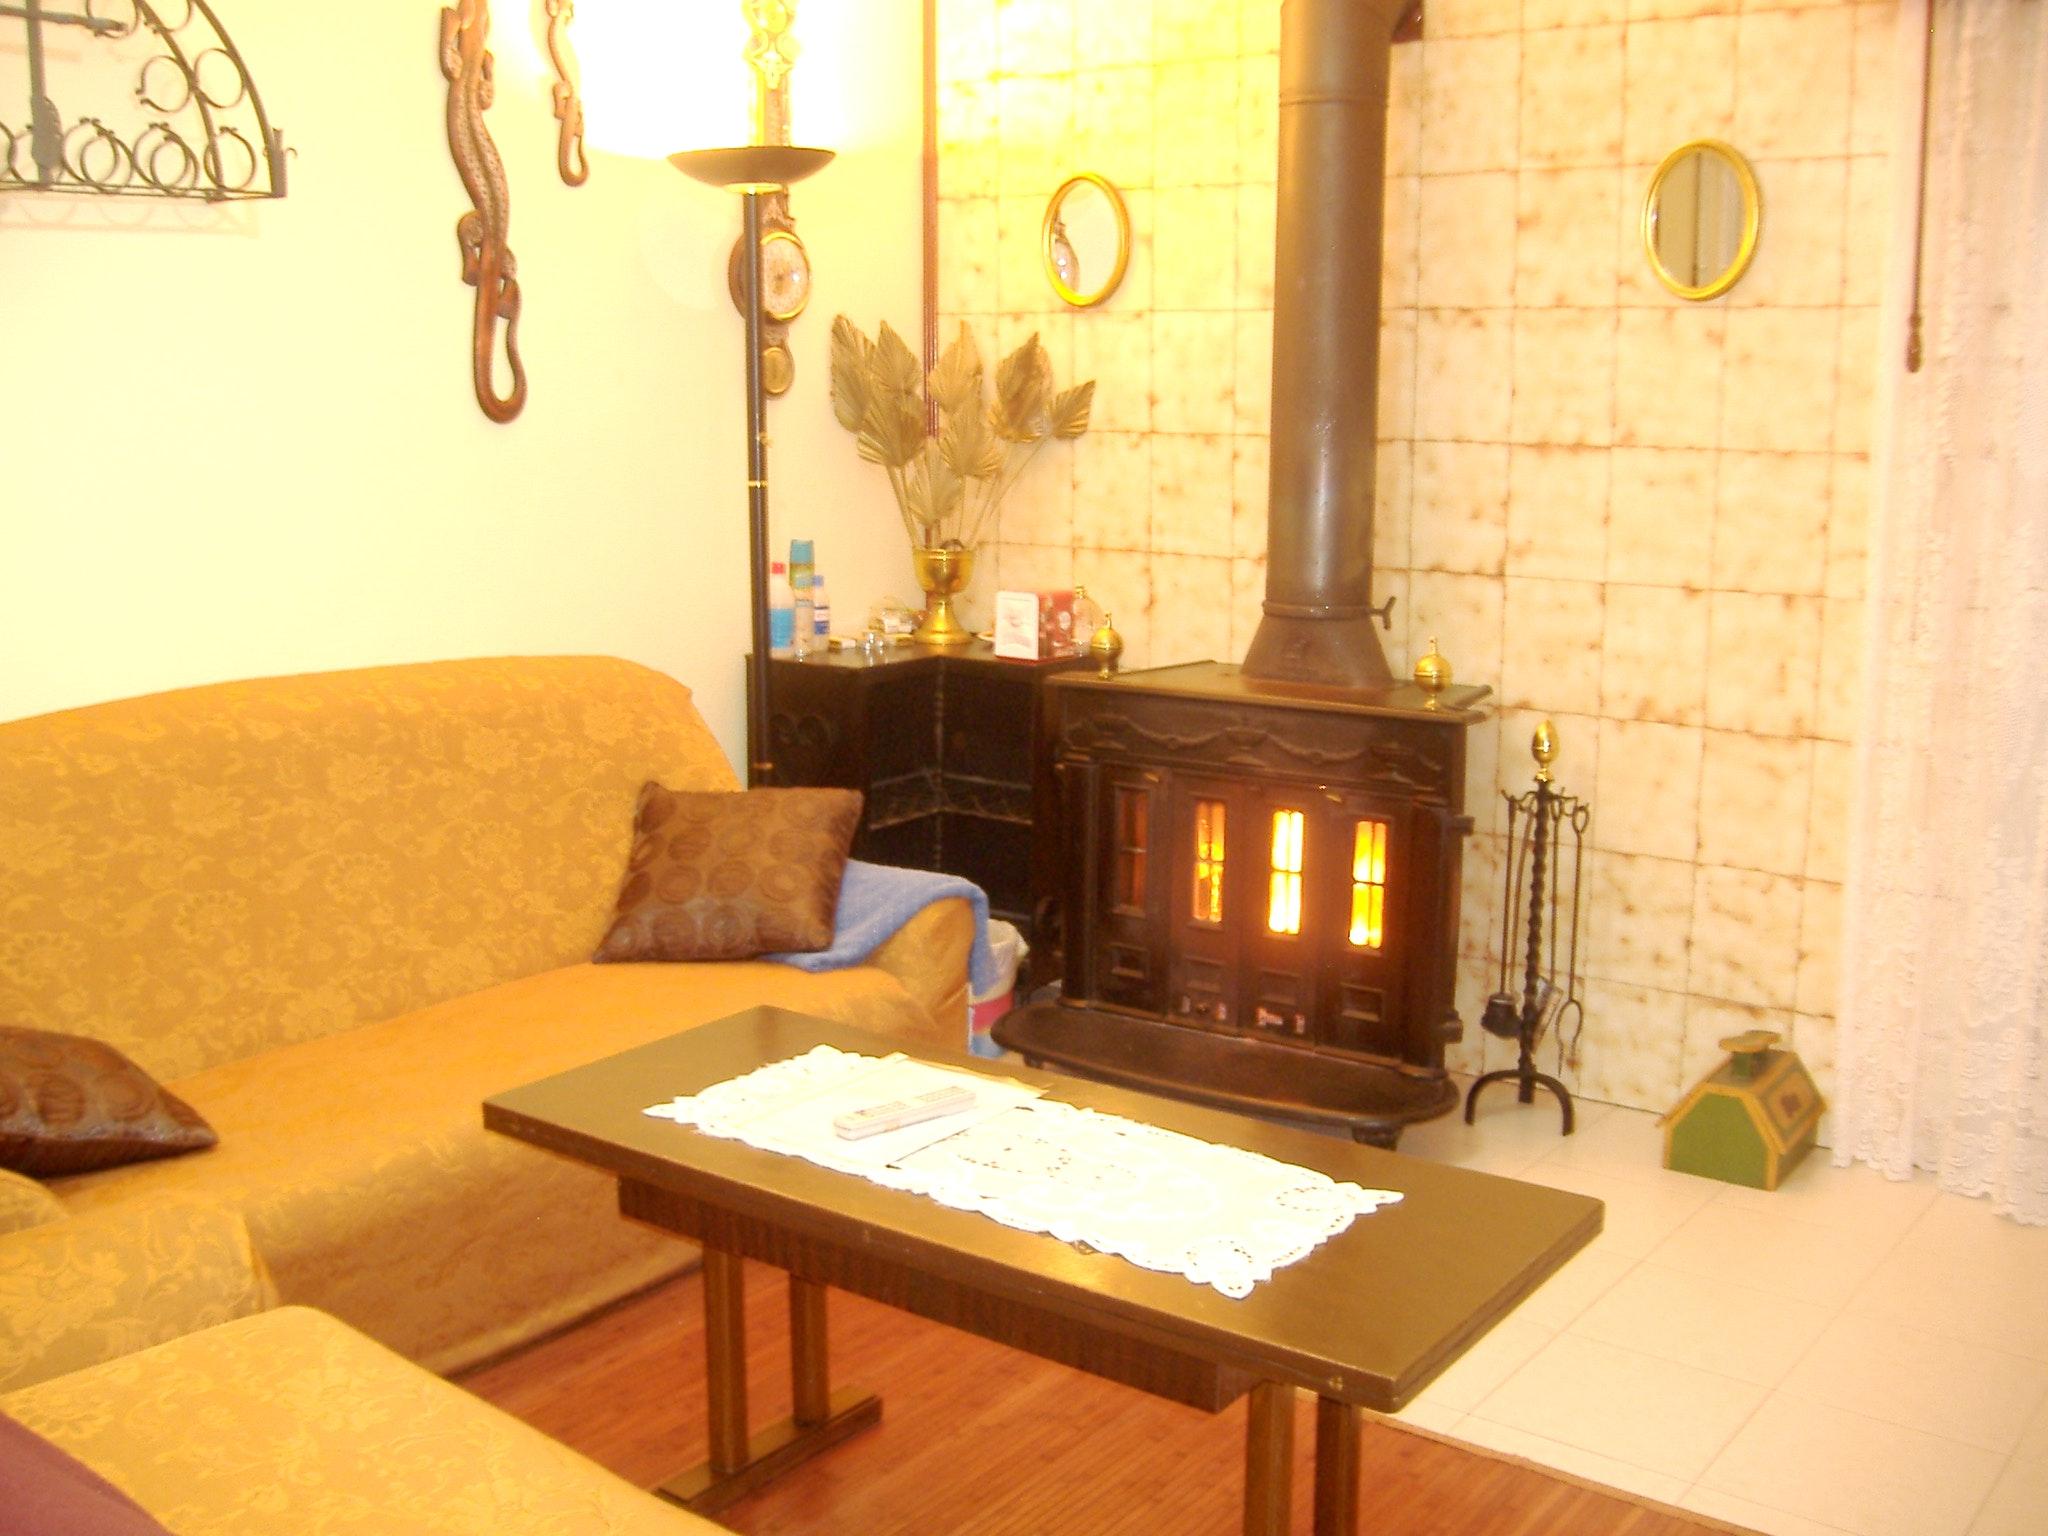 Ferienhaus Haus mit 2 Schlafzimmern in Chatún mit privatem Pool, eingezäuntem Garten und W-LAN (2201405), Chatun, Segovia, Kastilien-León, Spanien, Bild 9